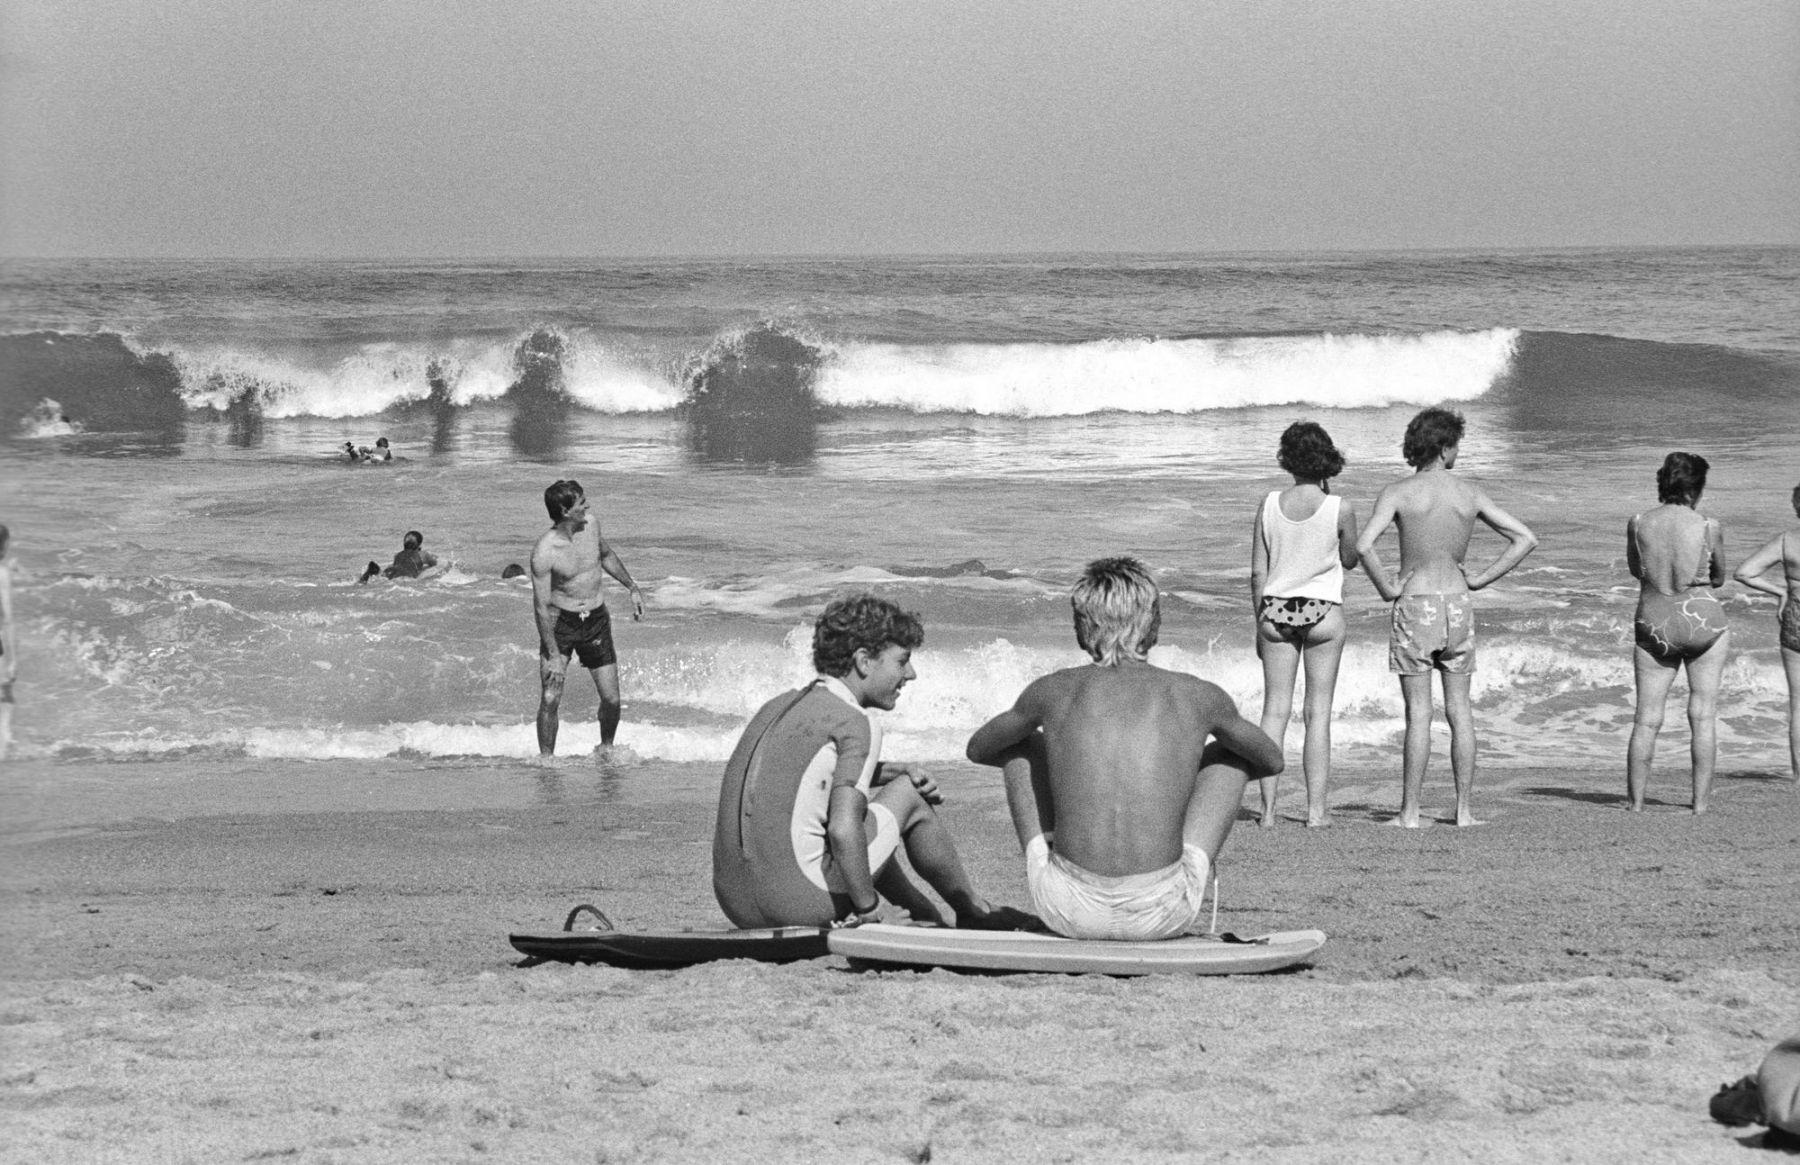 MichelAycaguer-Biarritz-GrandePlage-1988-PointFixe-Leica-6